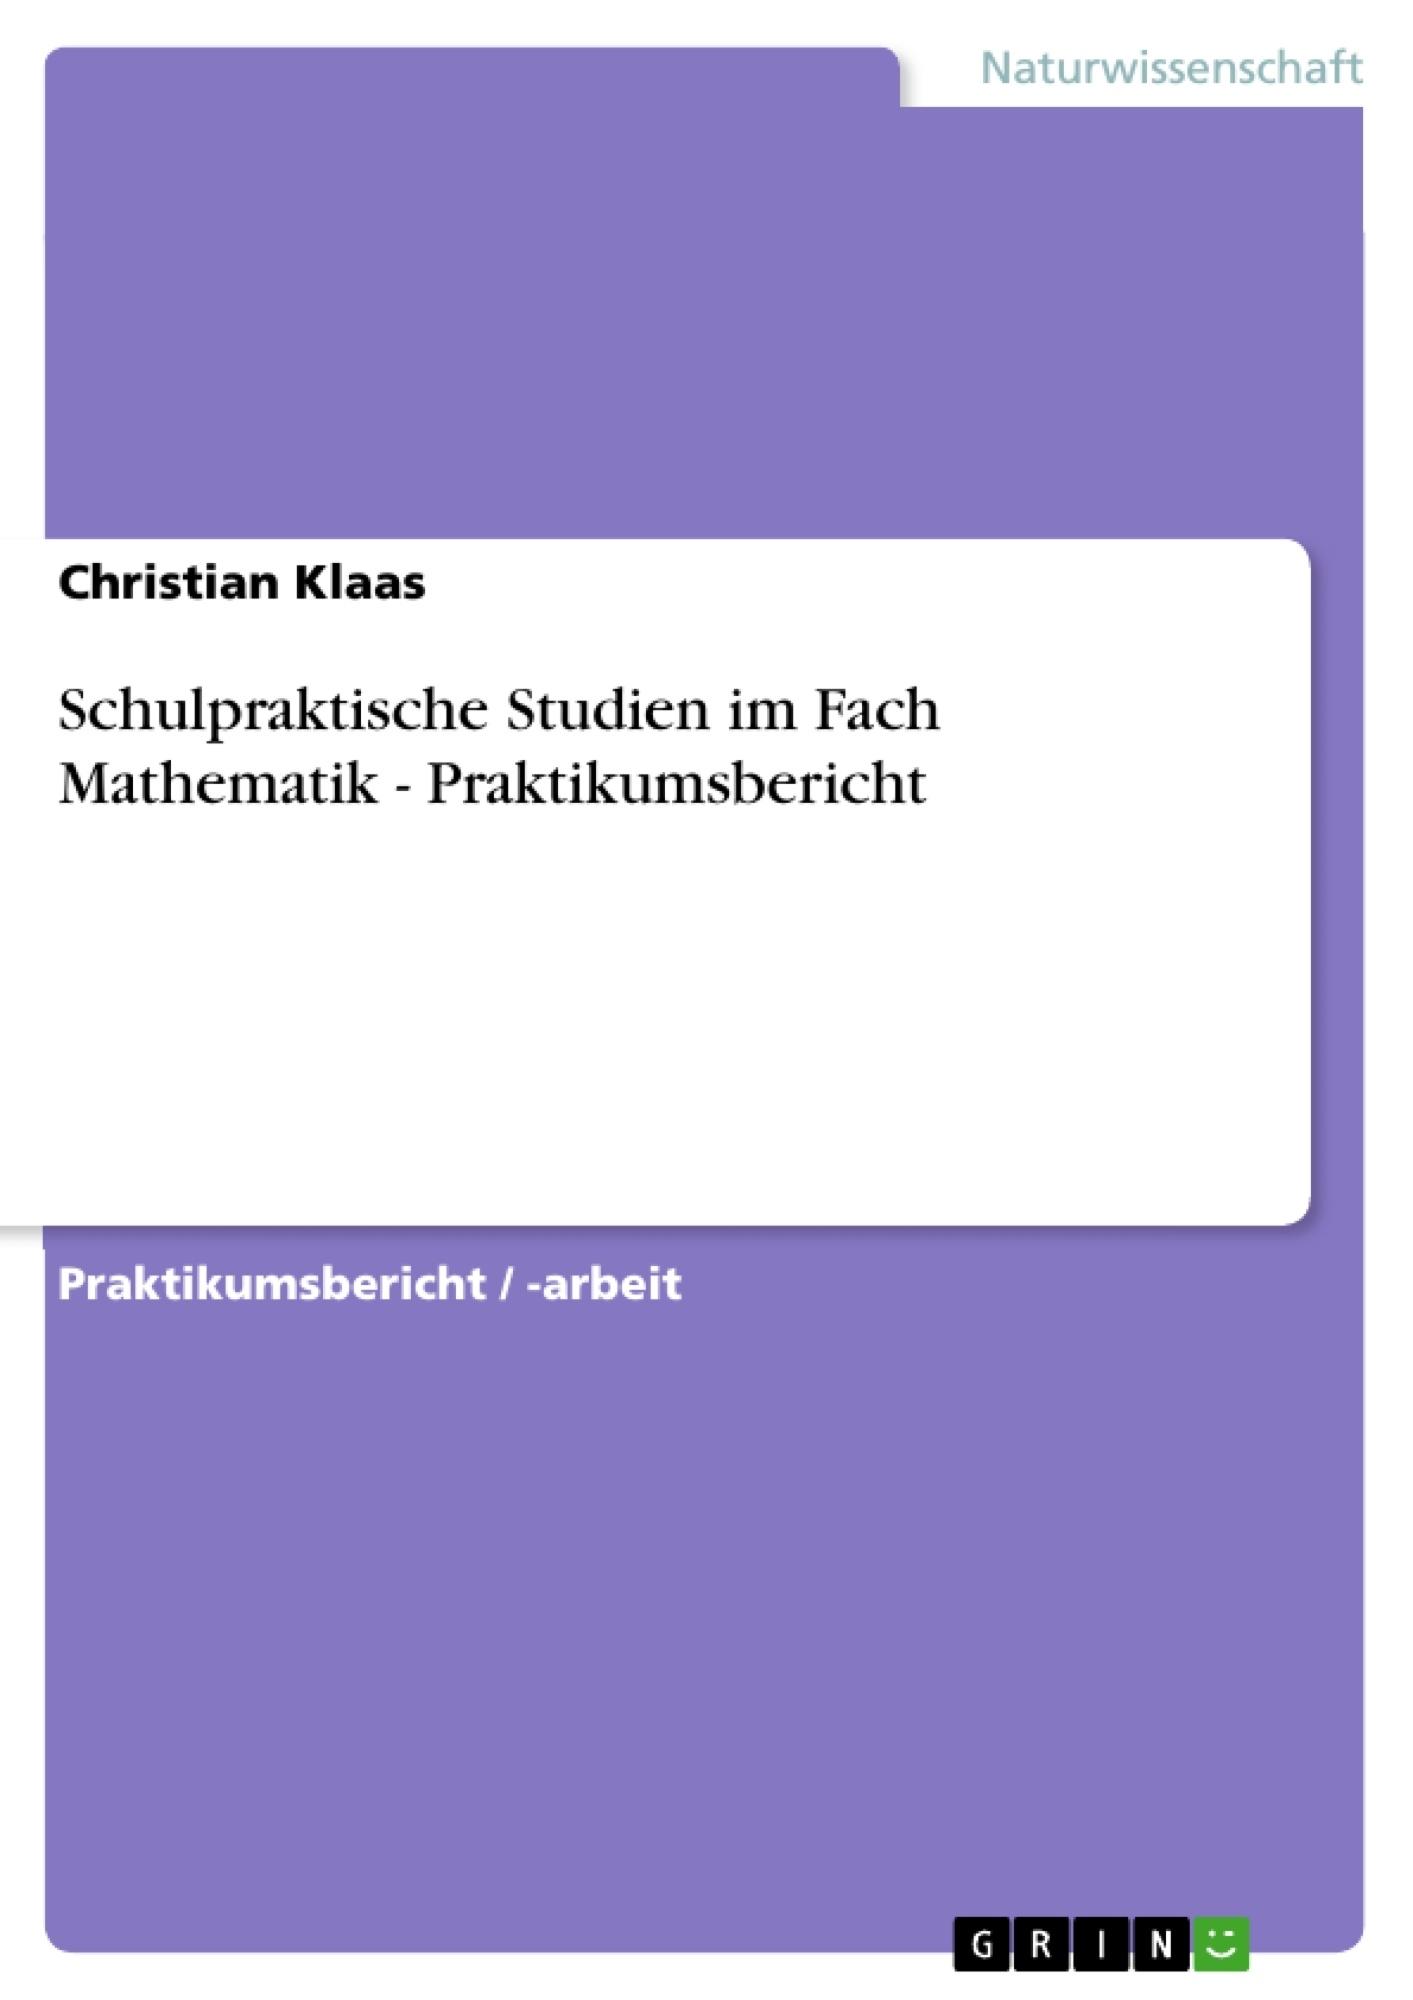 Titel: Schulpraktische Studien im Fach Mathematik - Praktikumsbericht